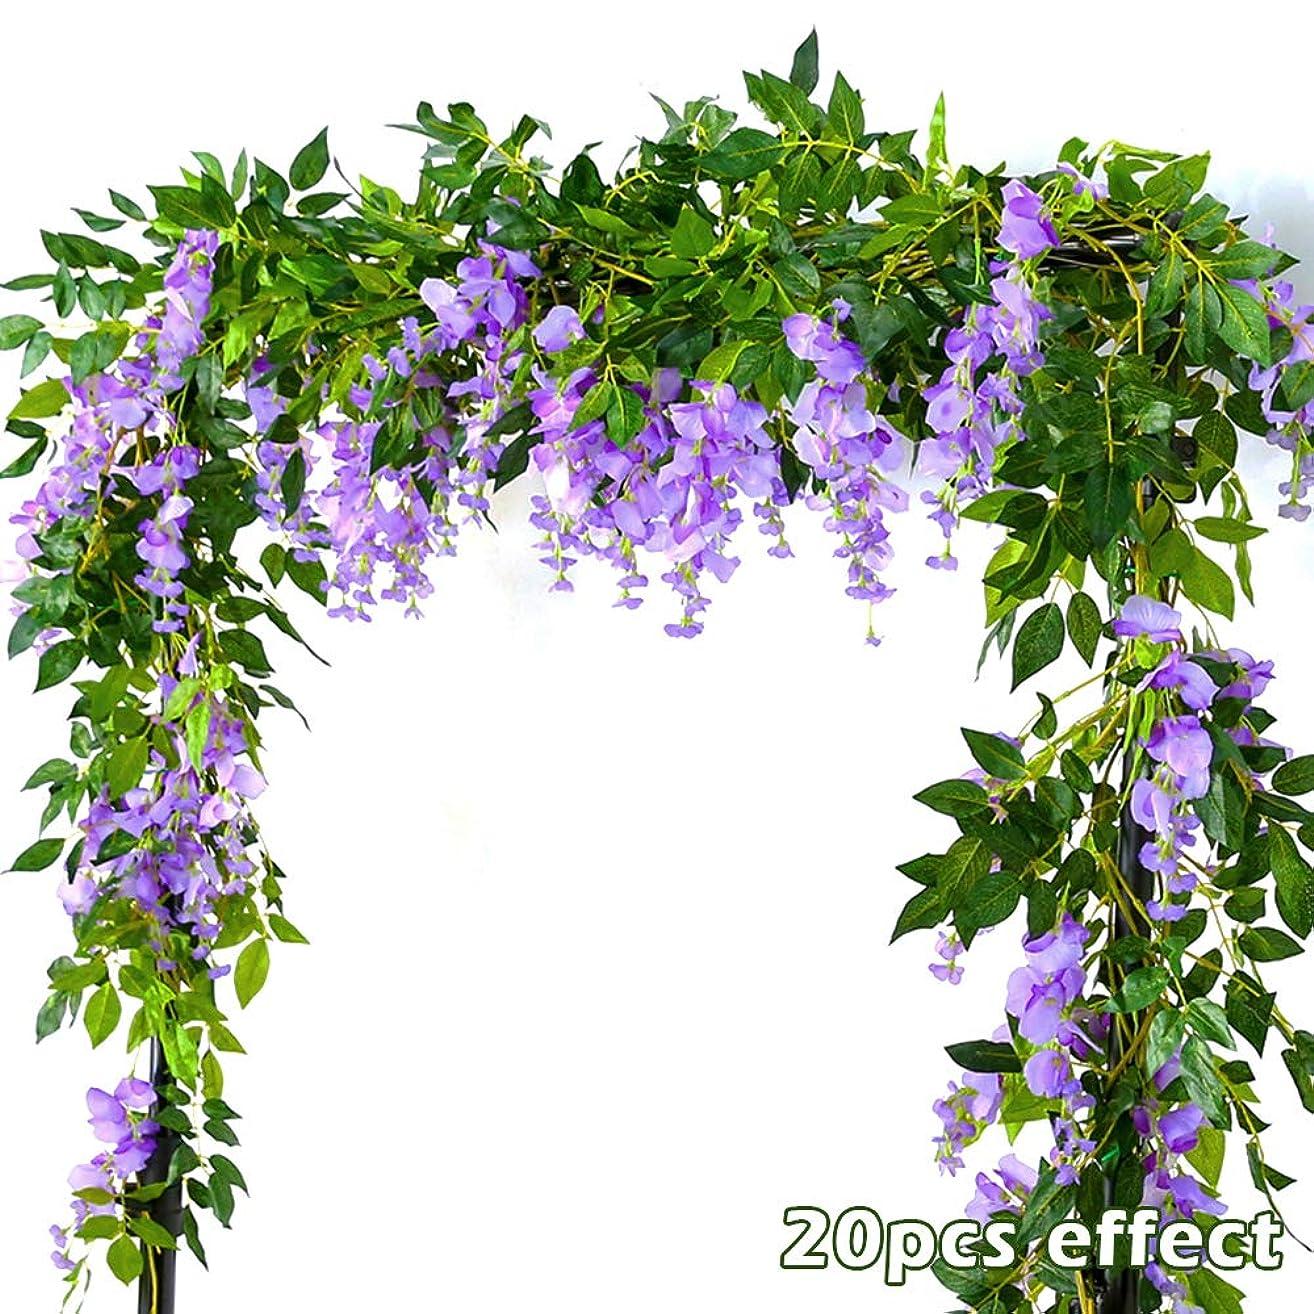 欠かせない湿気の多い大人2本入り 造花 藤の花 シルク アイビーのつる 緑の葉 つり下げ人工観葉植物 花飾り ウェディングパーティー ホームガーデン 壁装飾 ホワイト(紫色)